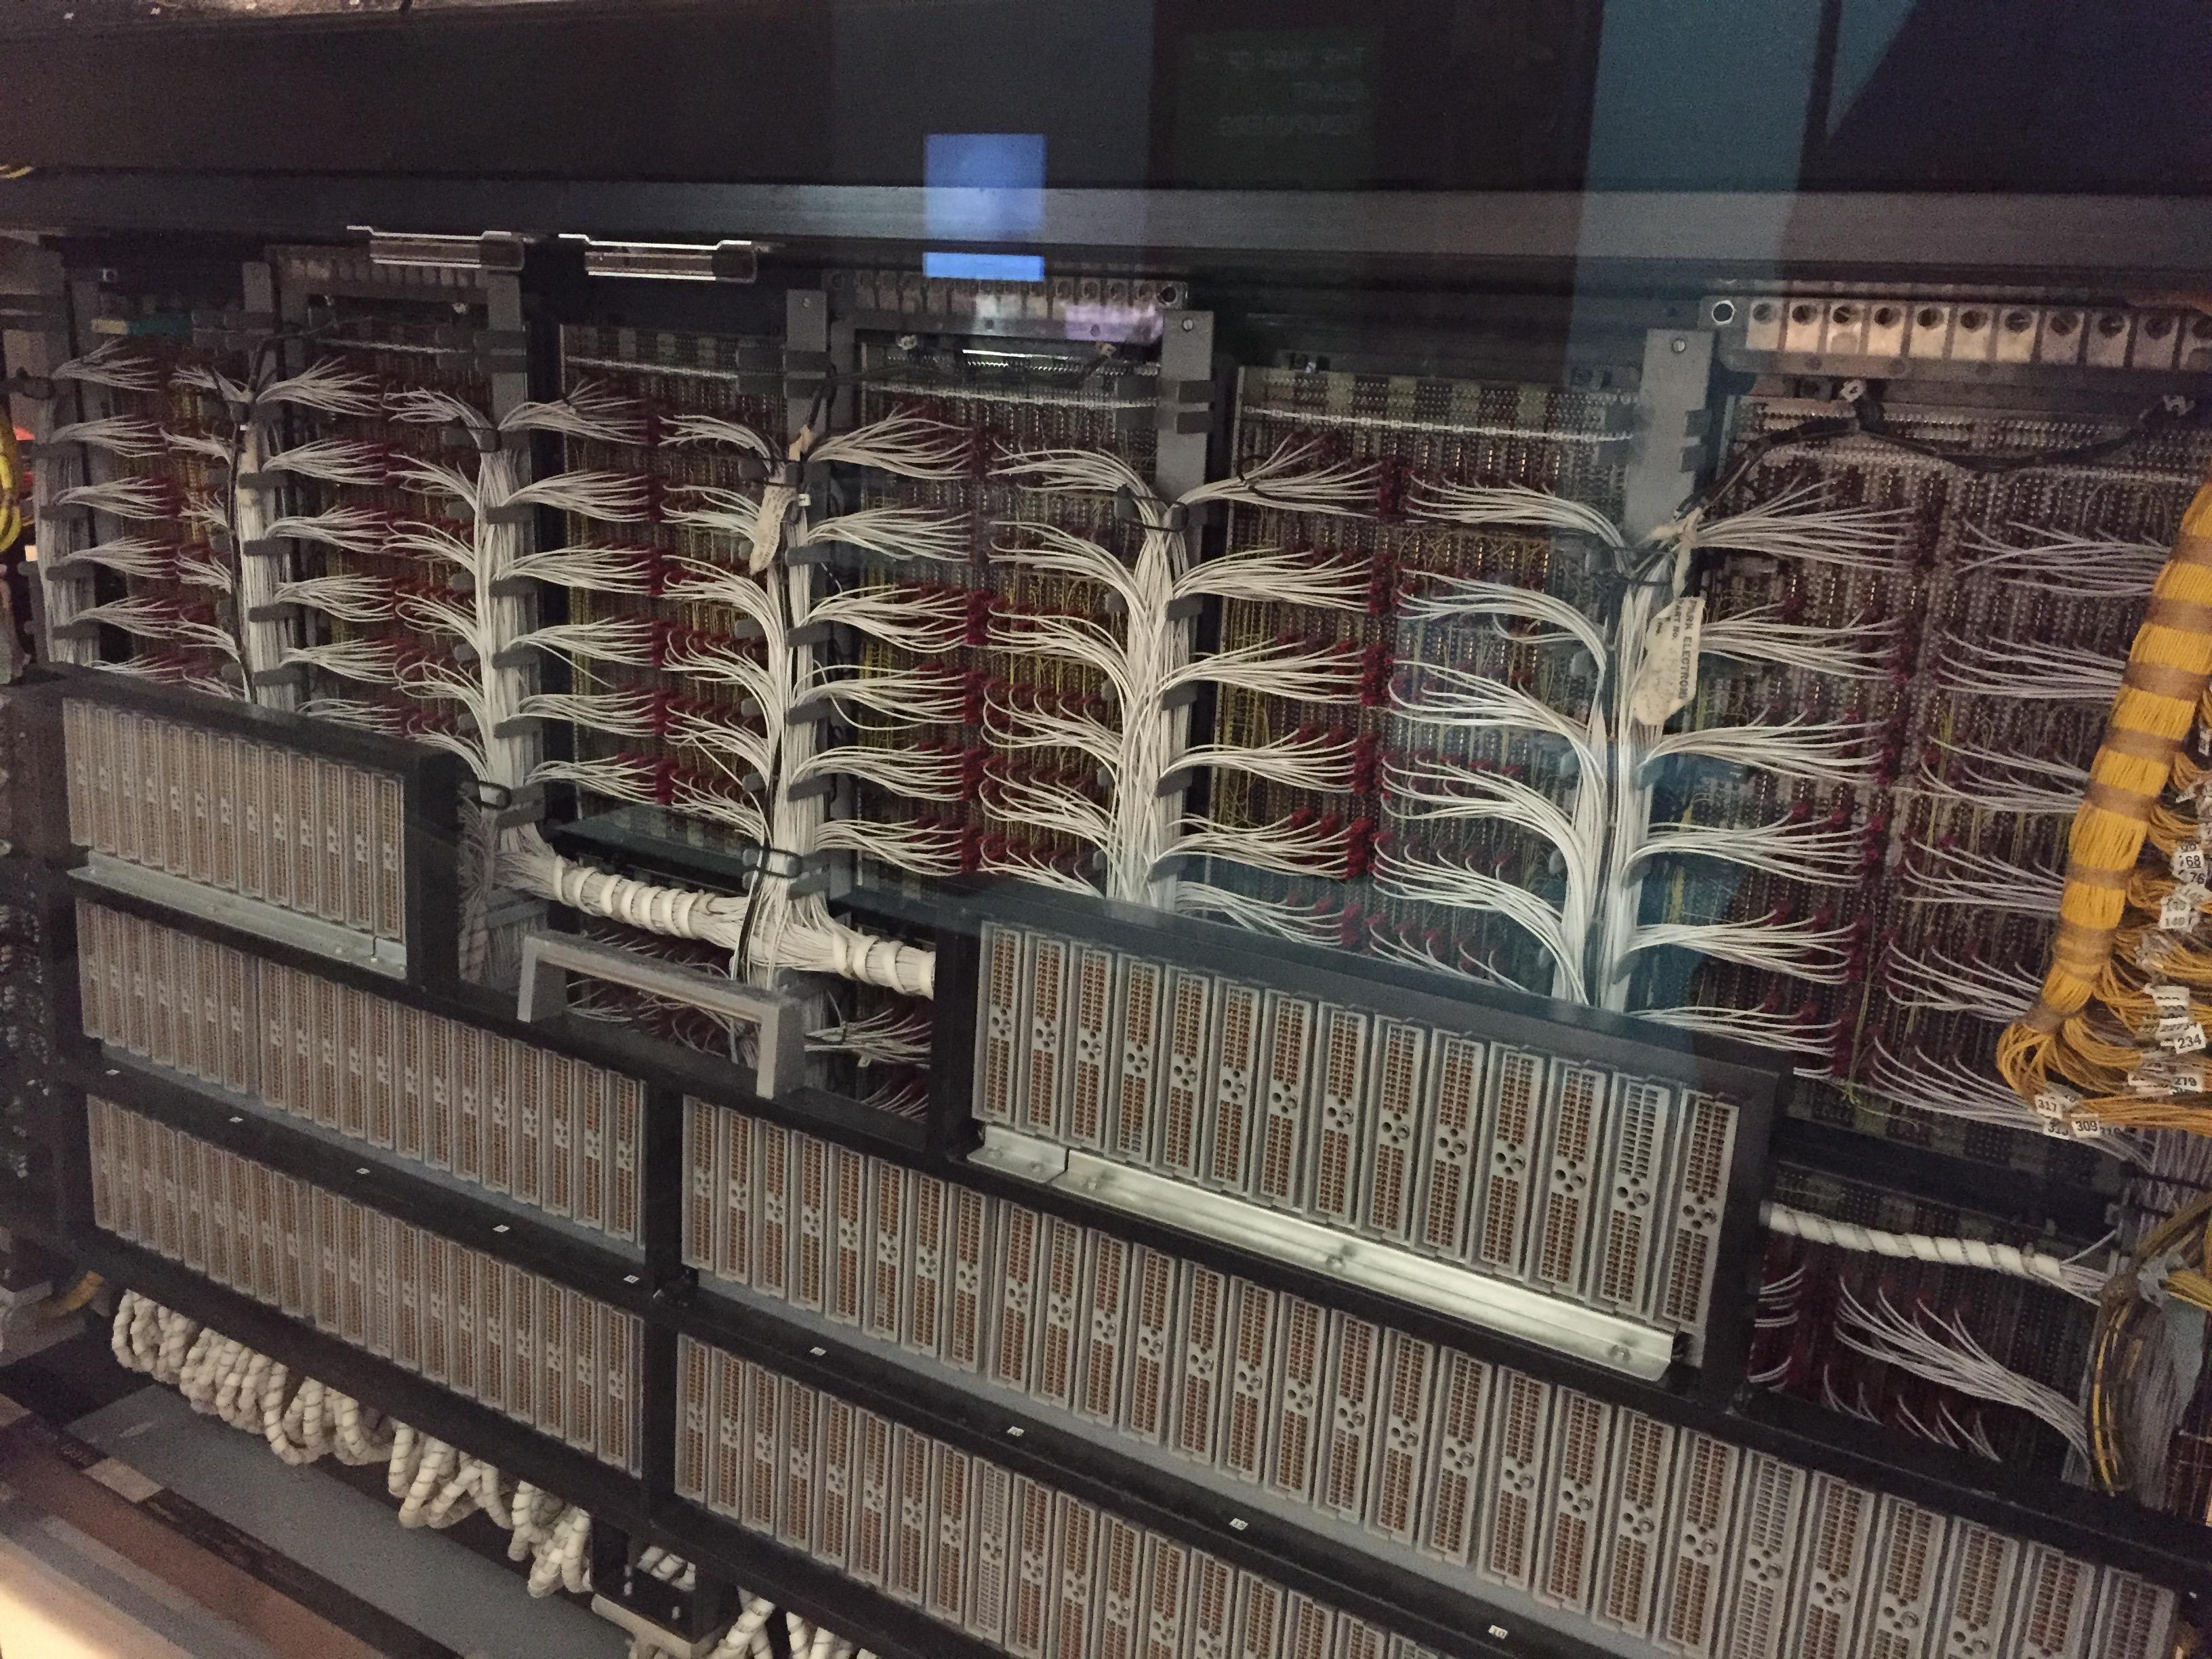 Ibm system 360195 c 1971 historia de la computadora